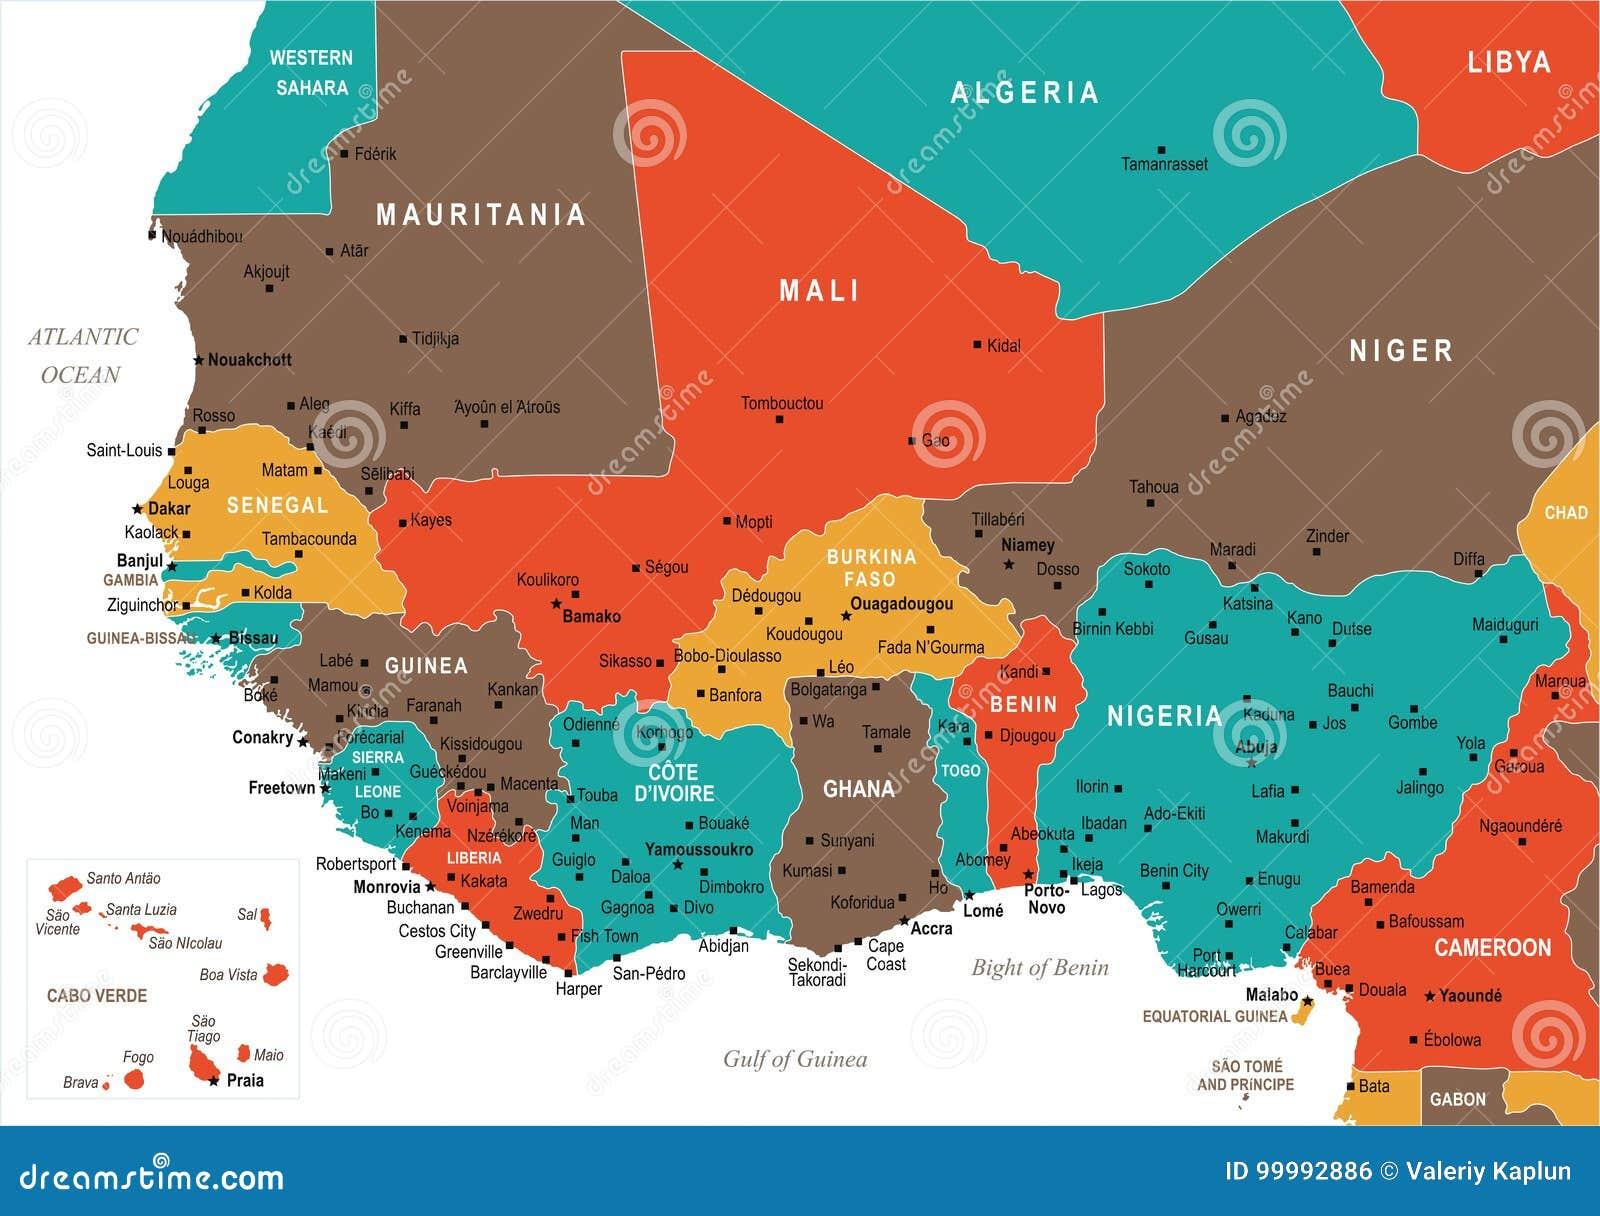 Africa Occidentale Cartina Geografica.Mappa Dell Africa Occidentale Illustrazione Di Vettore Illustrazione Di Stock Illustrazione Di Cameroon Geografico 99992886